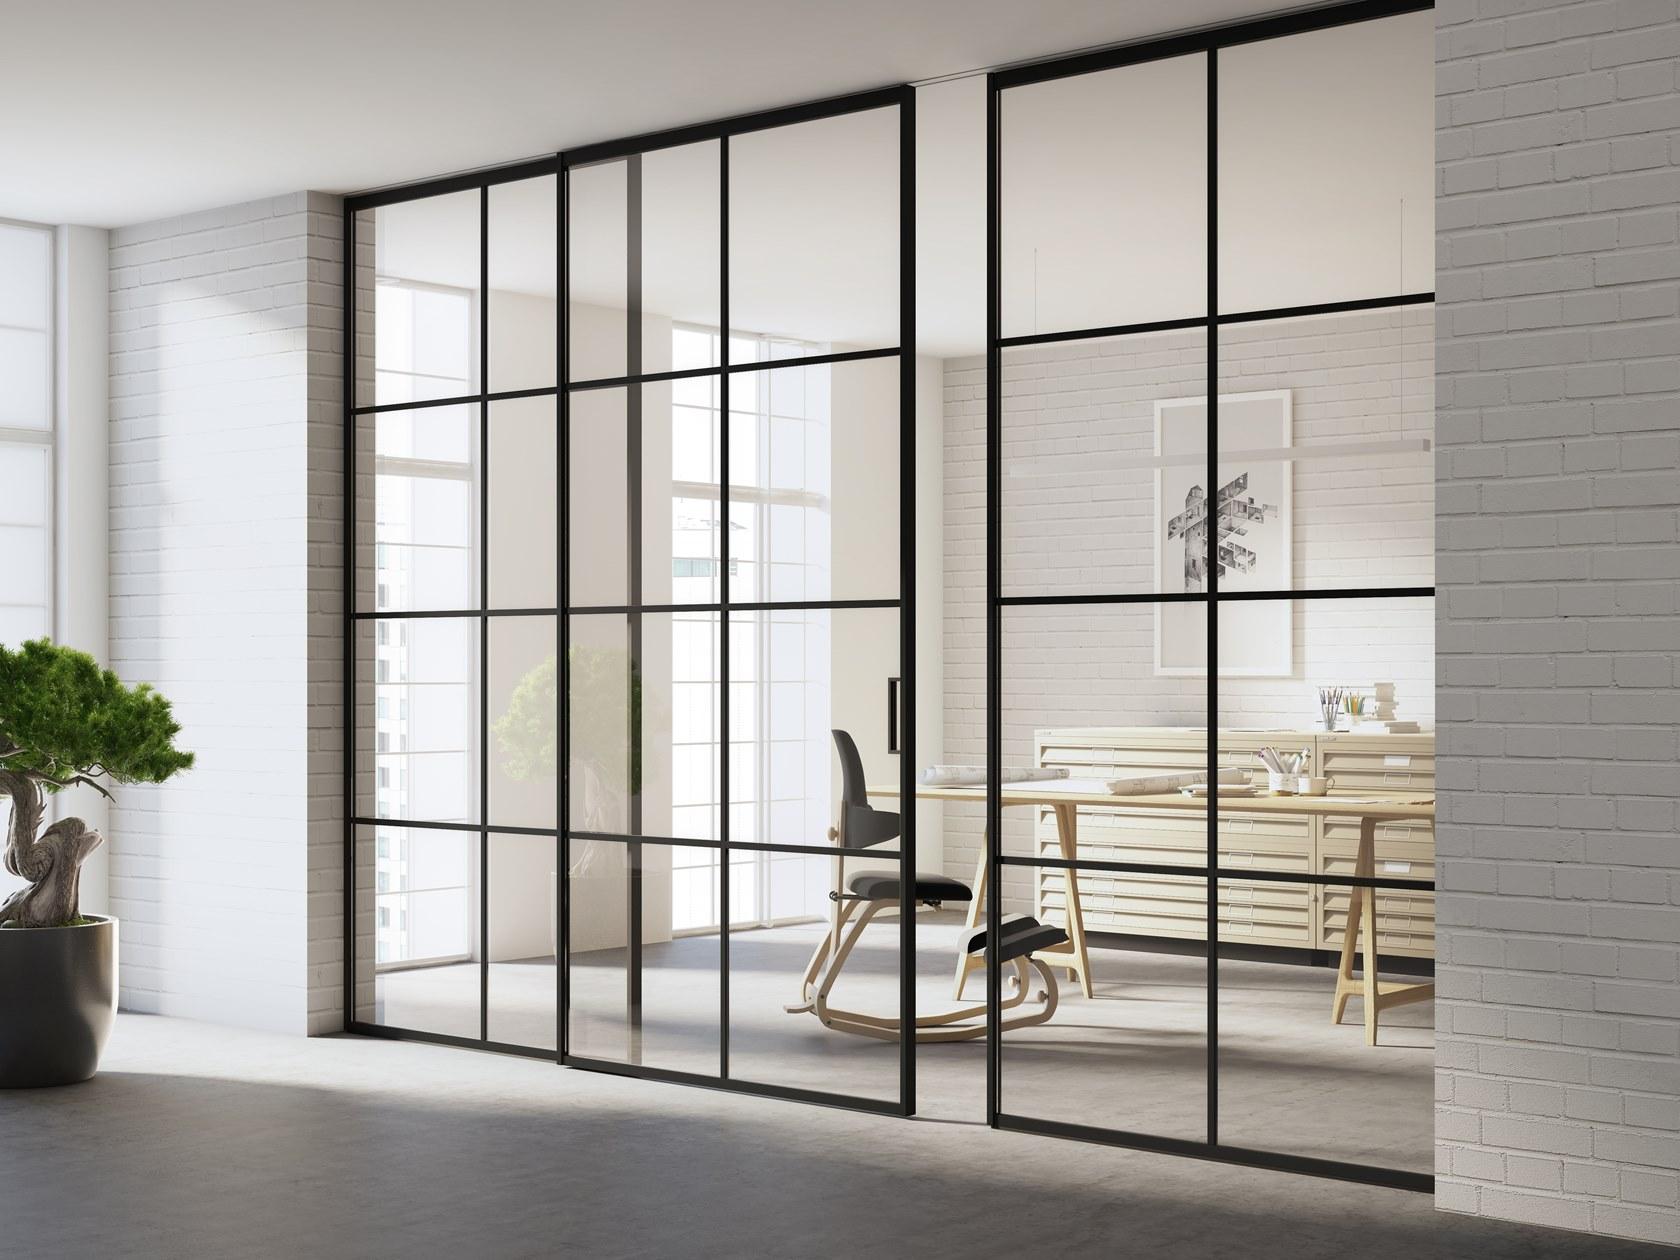 Factory glass doors 02